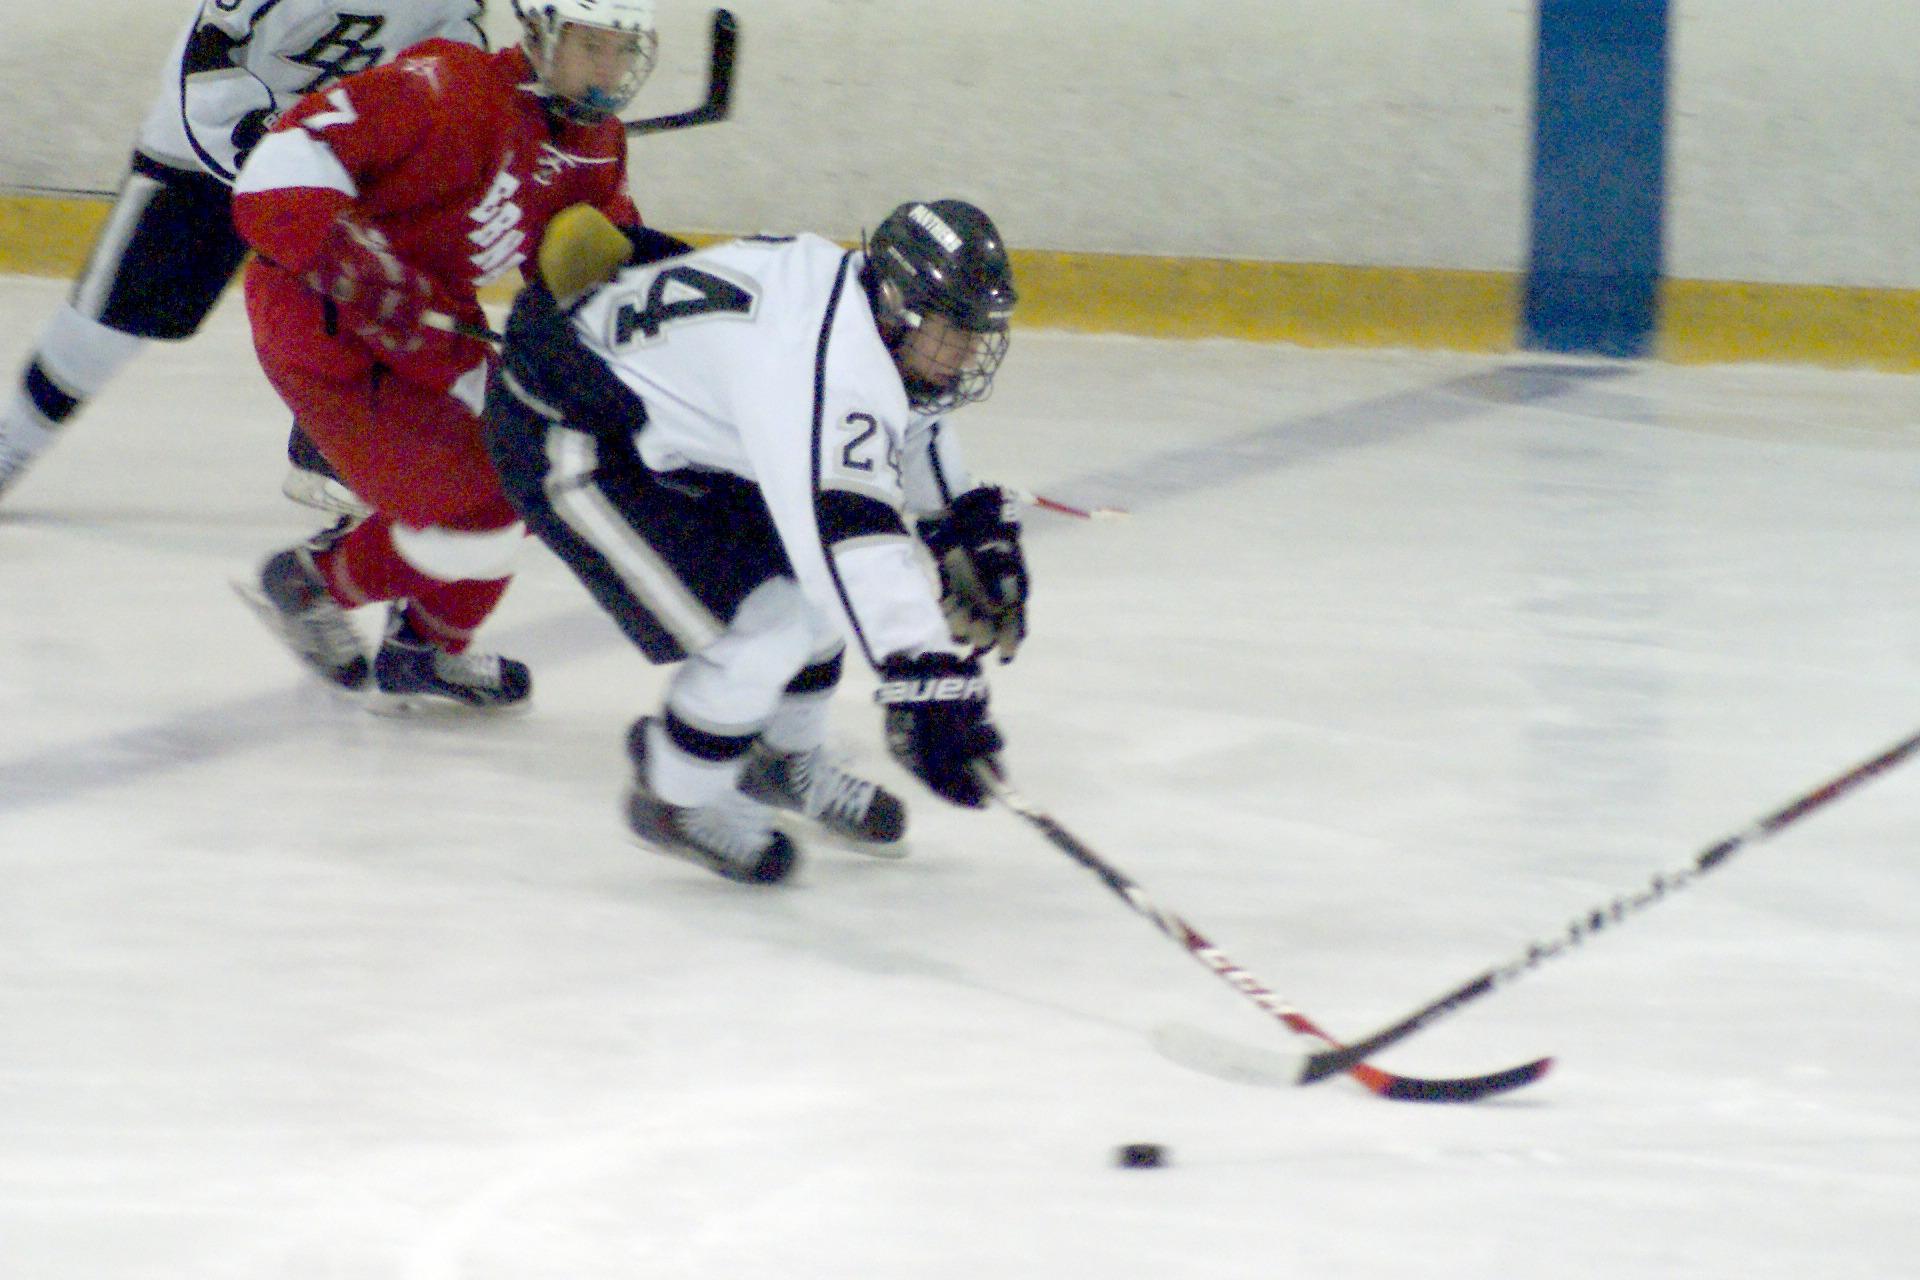 60592ad4218aeaed6cc1_Ice_Hockey_15.JPG